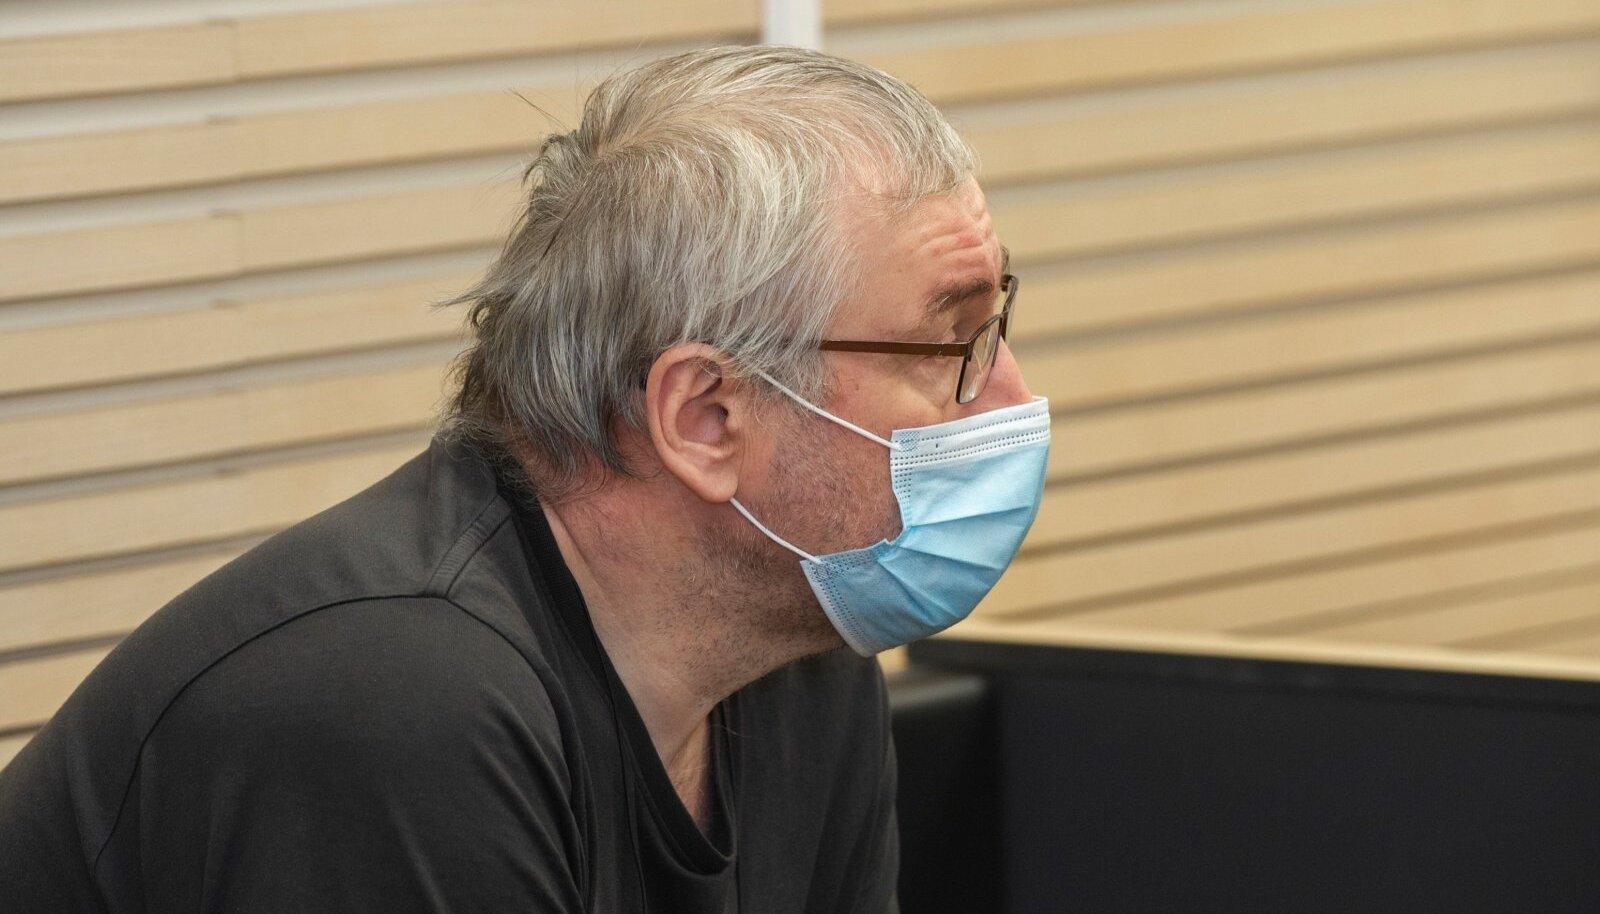 KAHE NIMEGA MEES: Anatoli Jõhvik, endine Anatoli Fedorenko osales 1990ndate alguse allilmasõjas killerina.